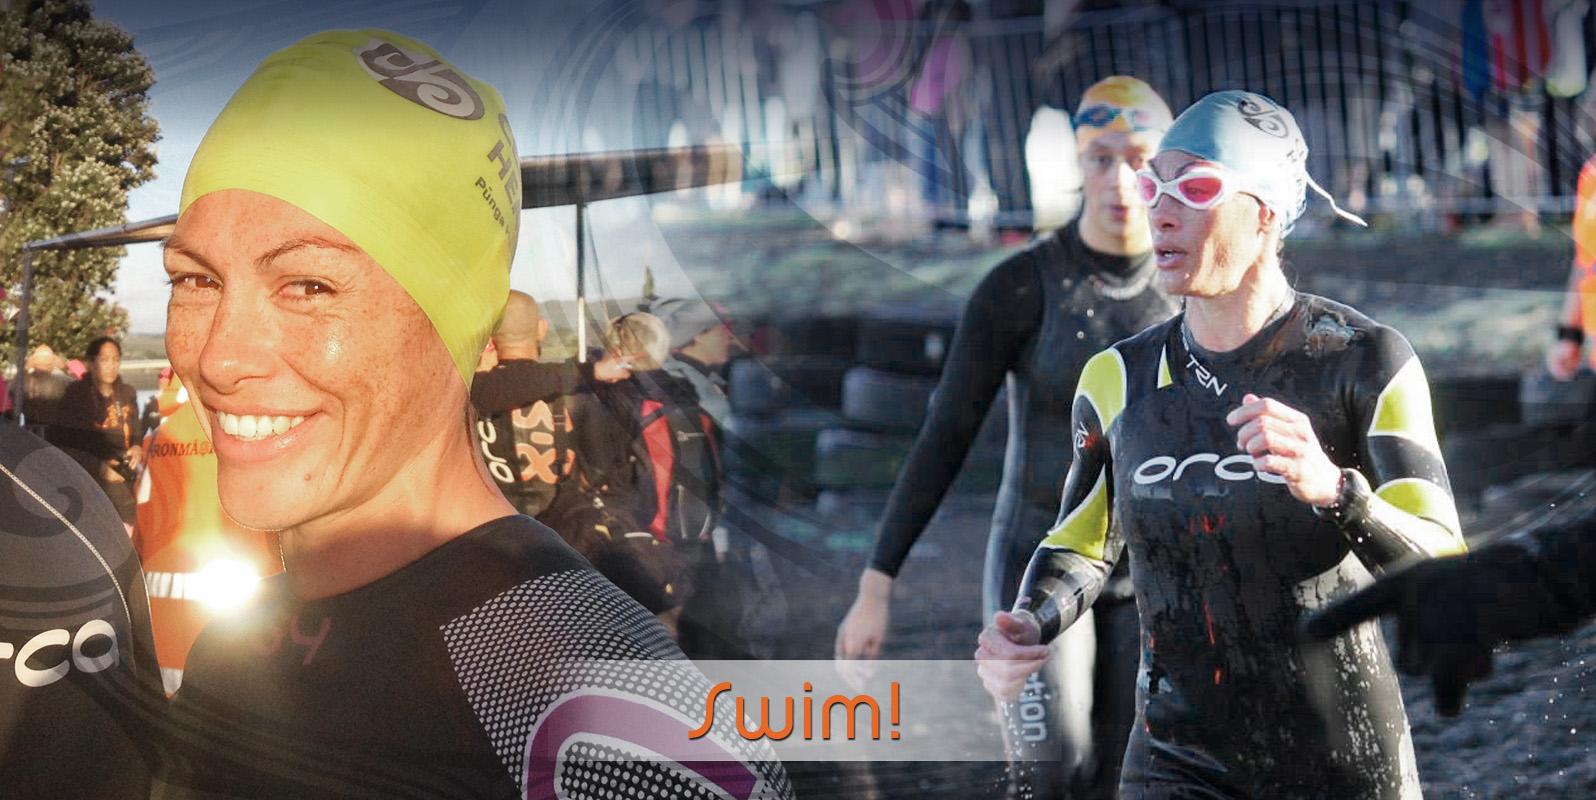 Nga-Swim5.jpg